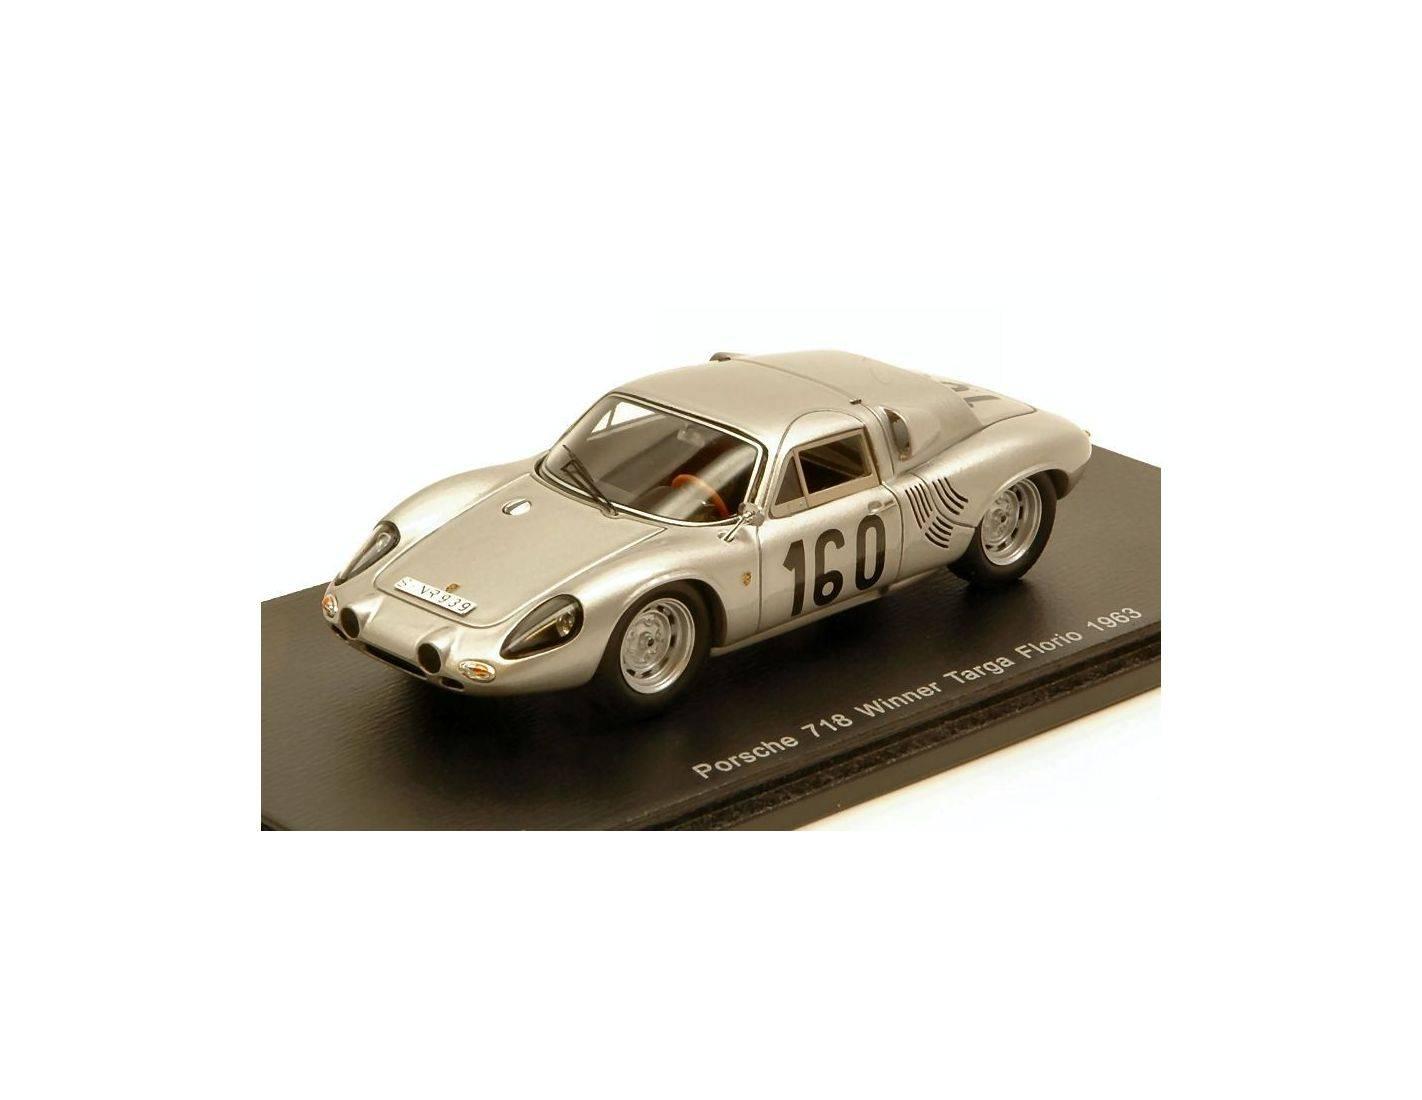 Spark Model S43tf63 Porsche 718 Gtr N 160 Winner Targa Florio 1963 J Bonnier C M Abate 1 43